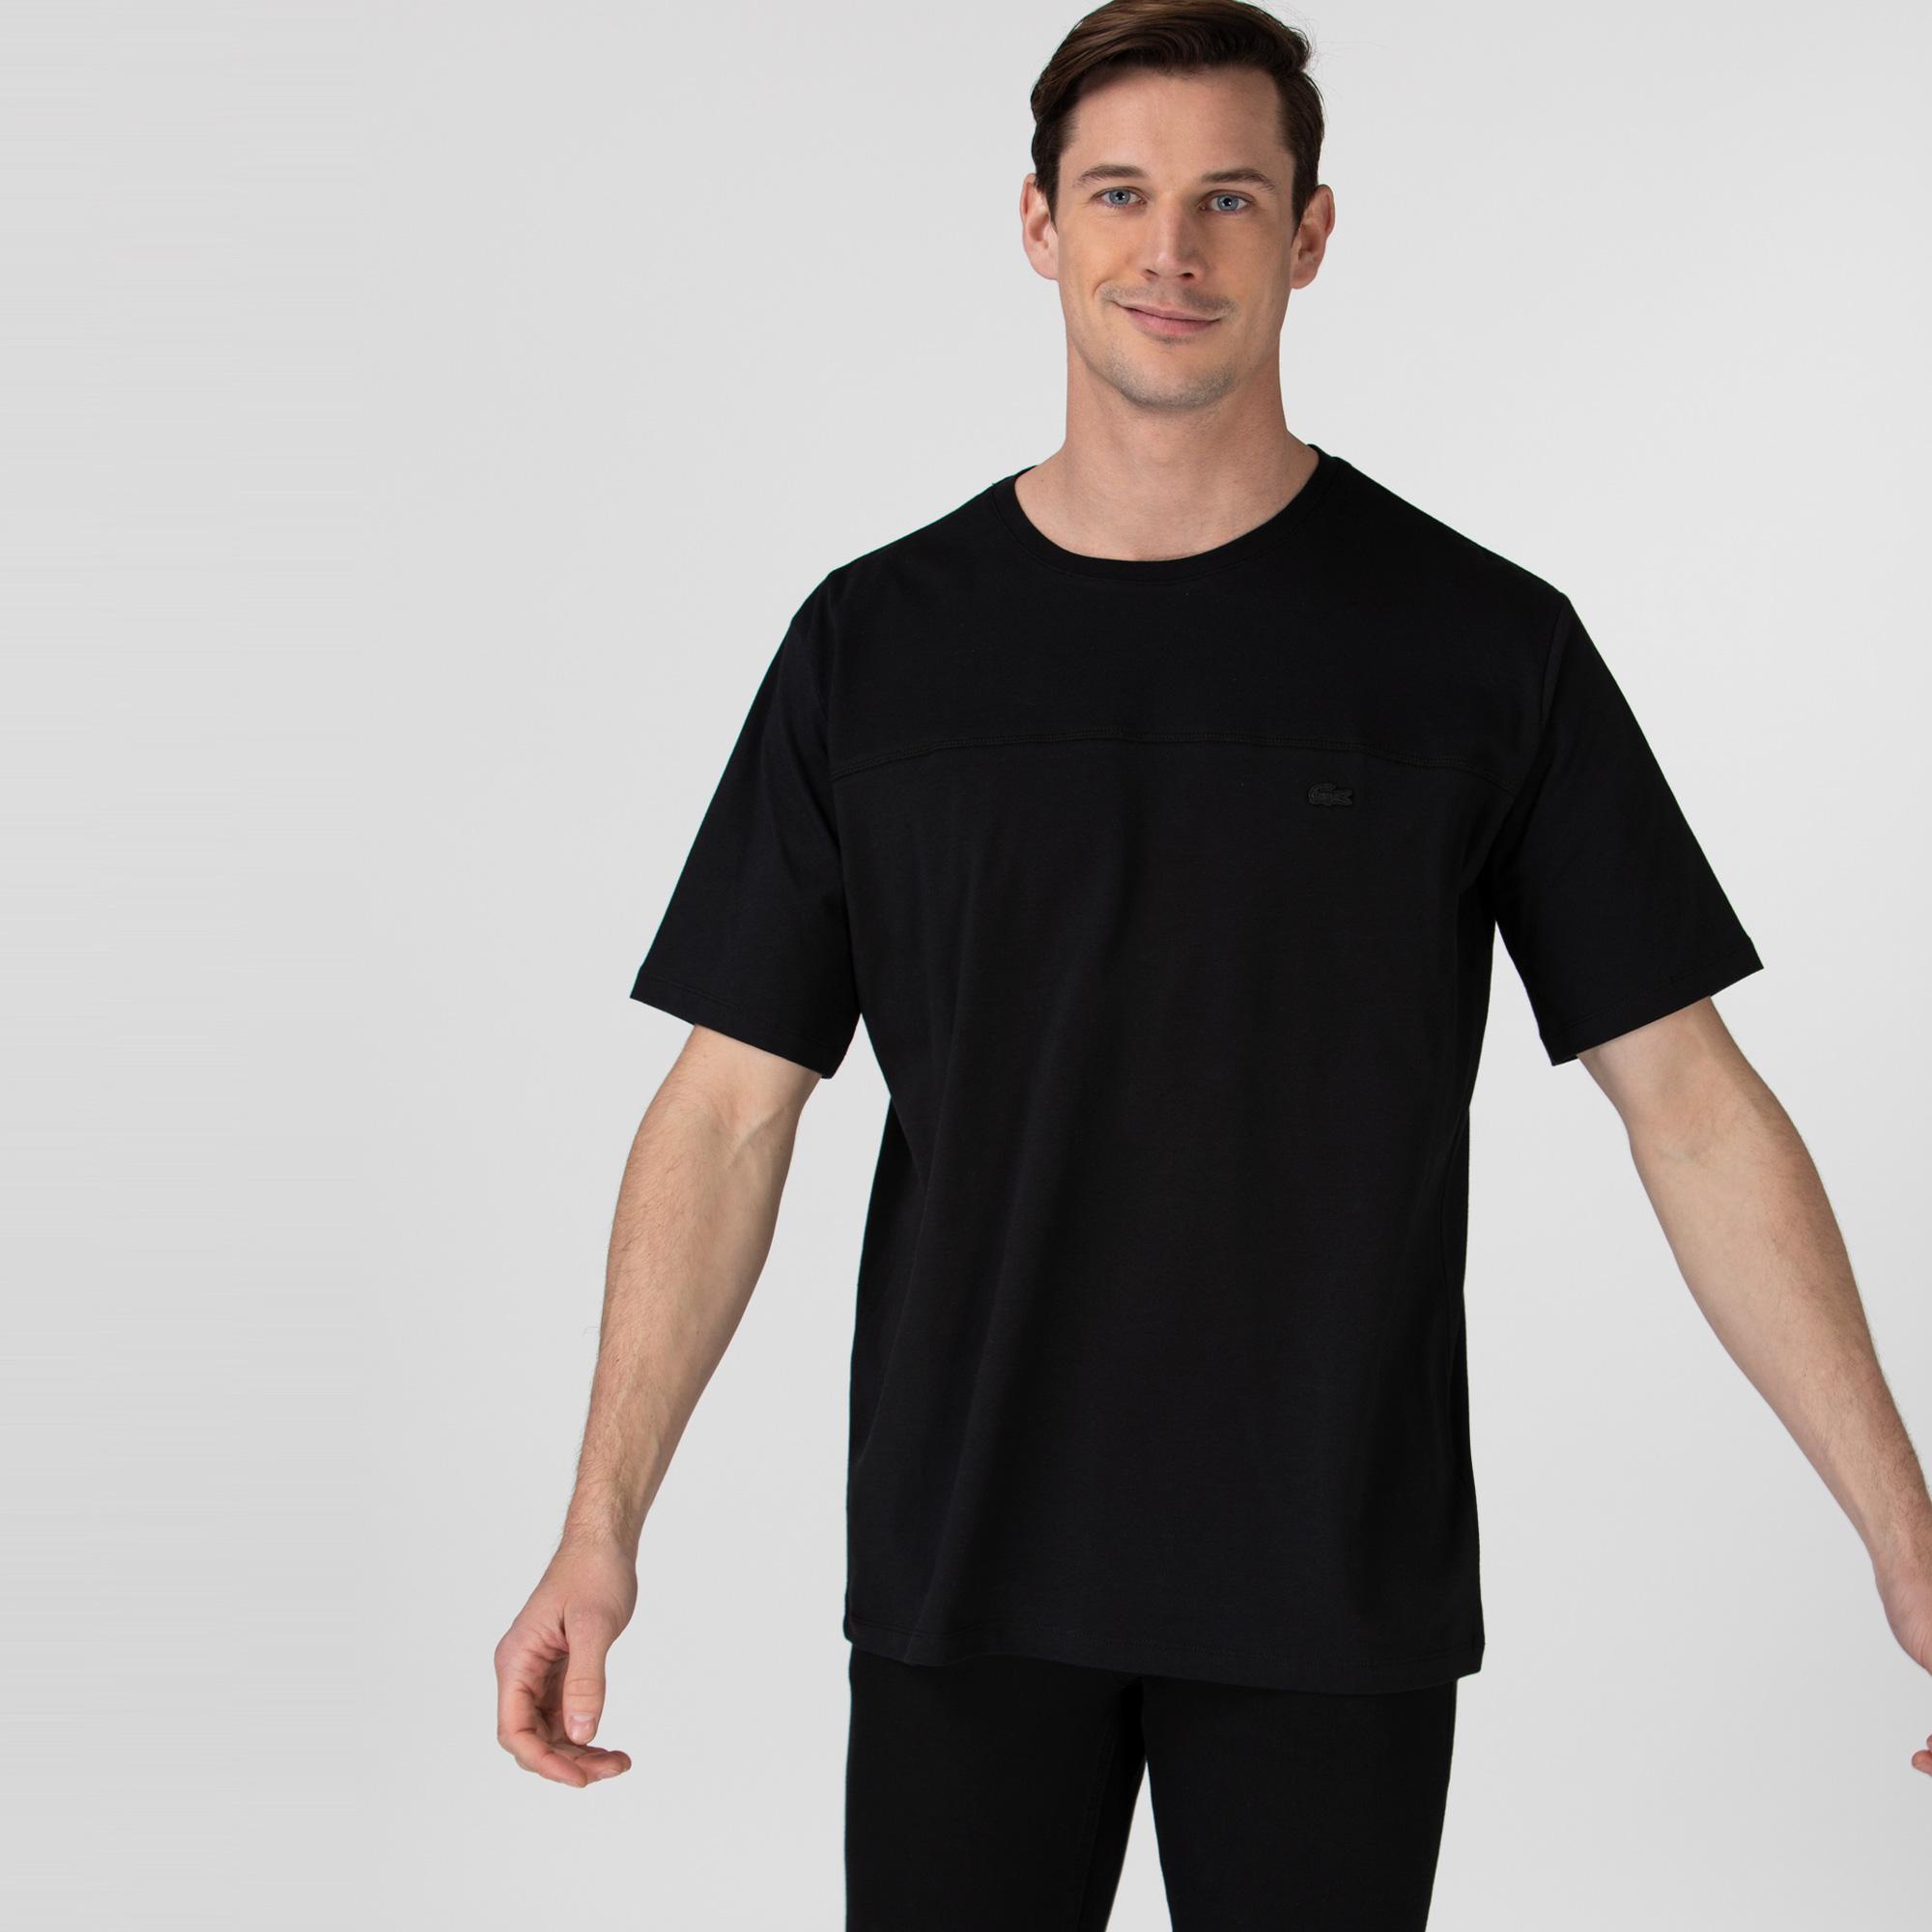 Lacoste Erkek Rahat Fit Bisiklet Yaka Baskılı Siyah T-Shirt